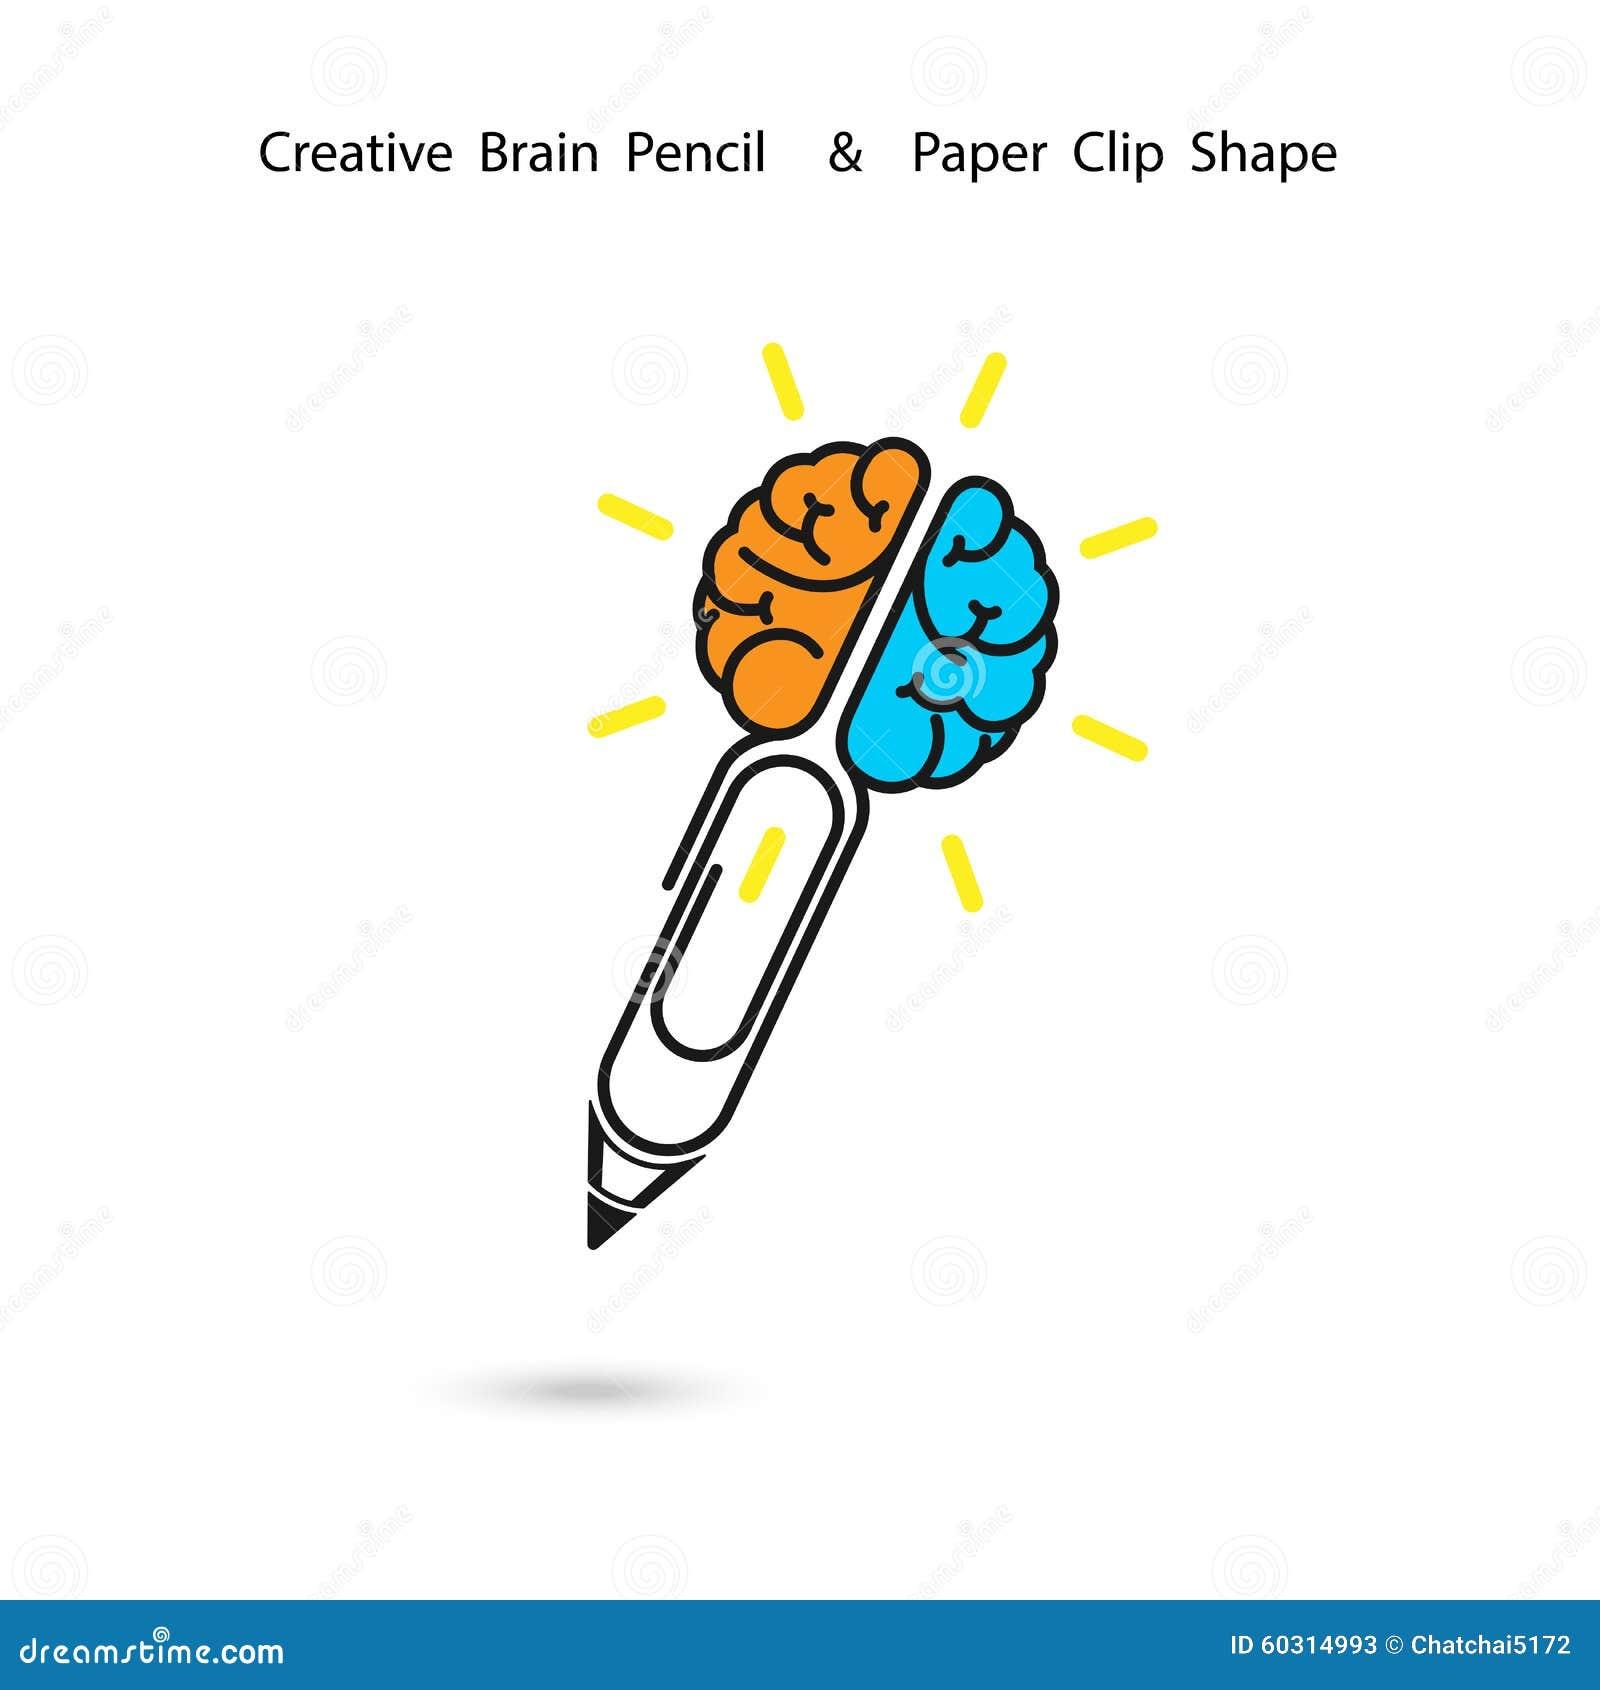 Projeto criativo do logotipo do lápis do cérebro, sinal do clipe de papel Conceito do ide